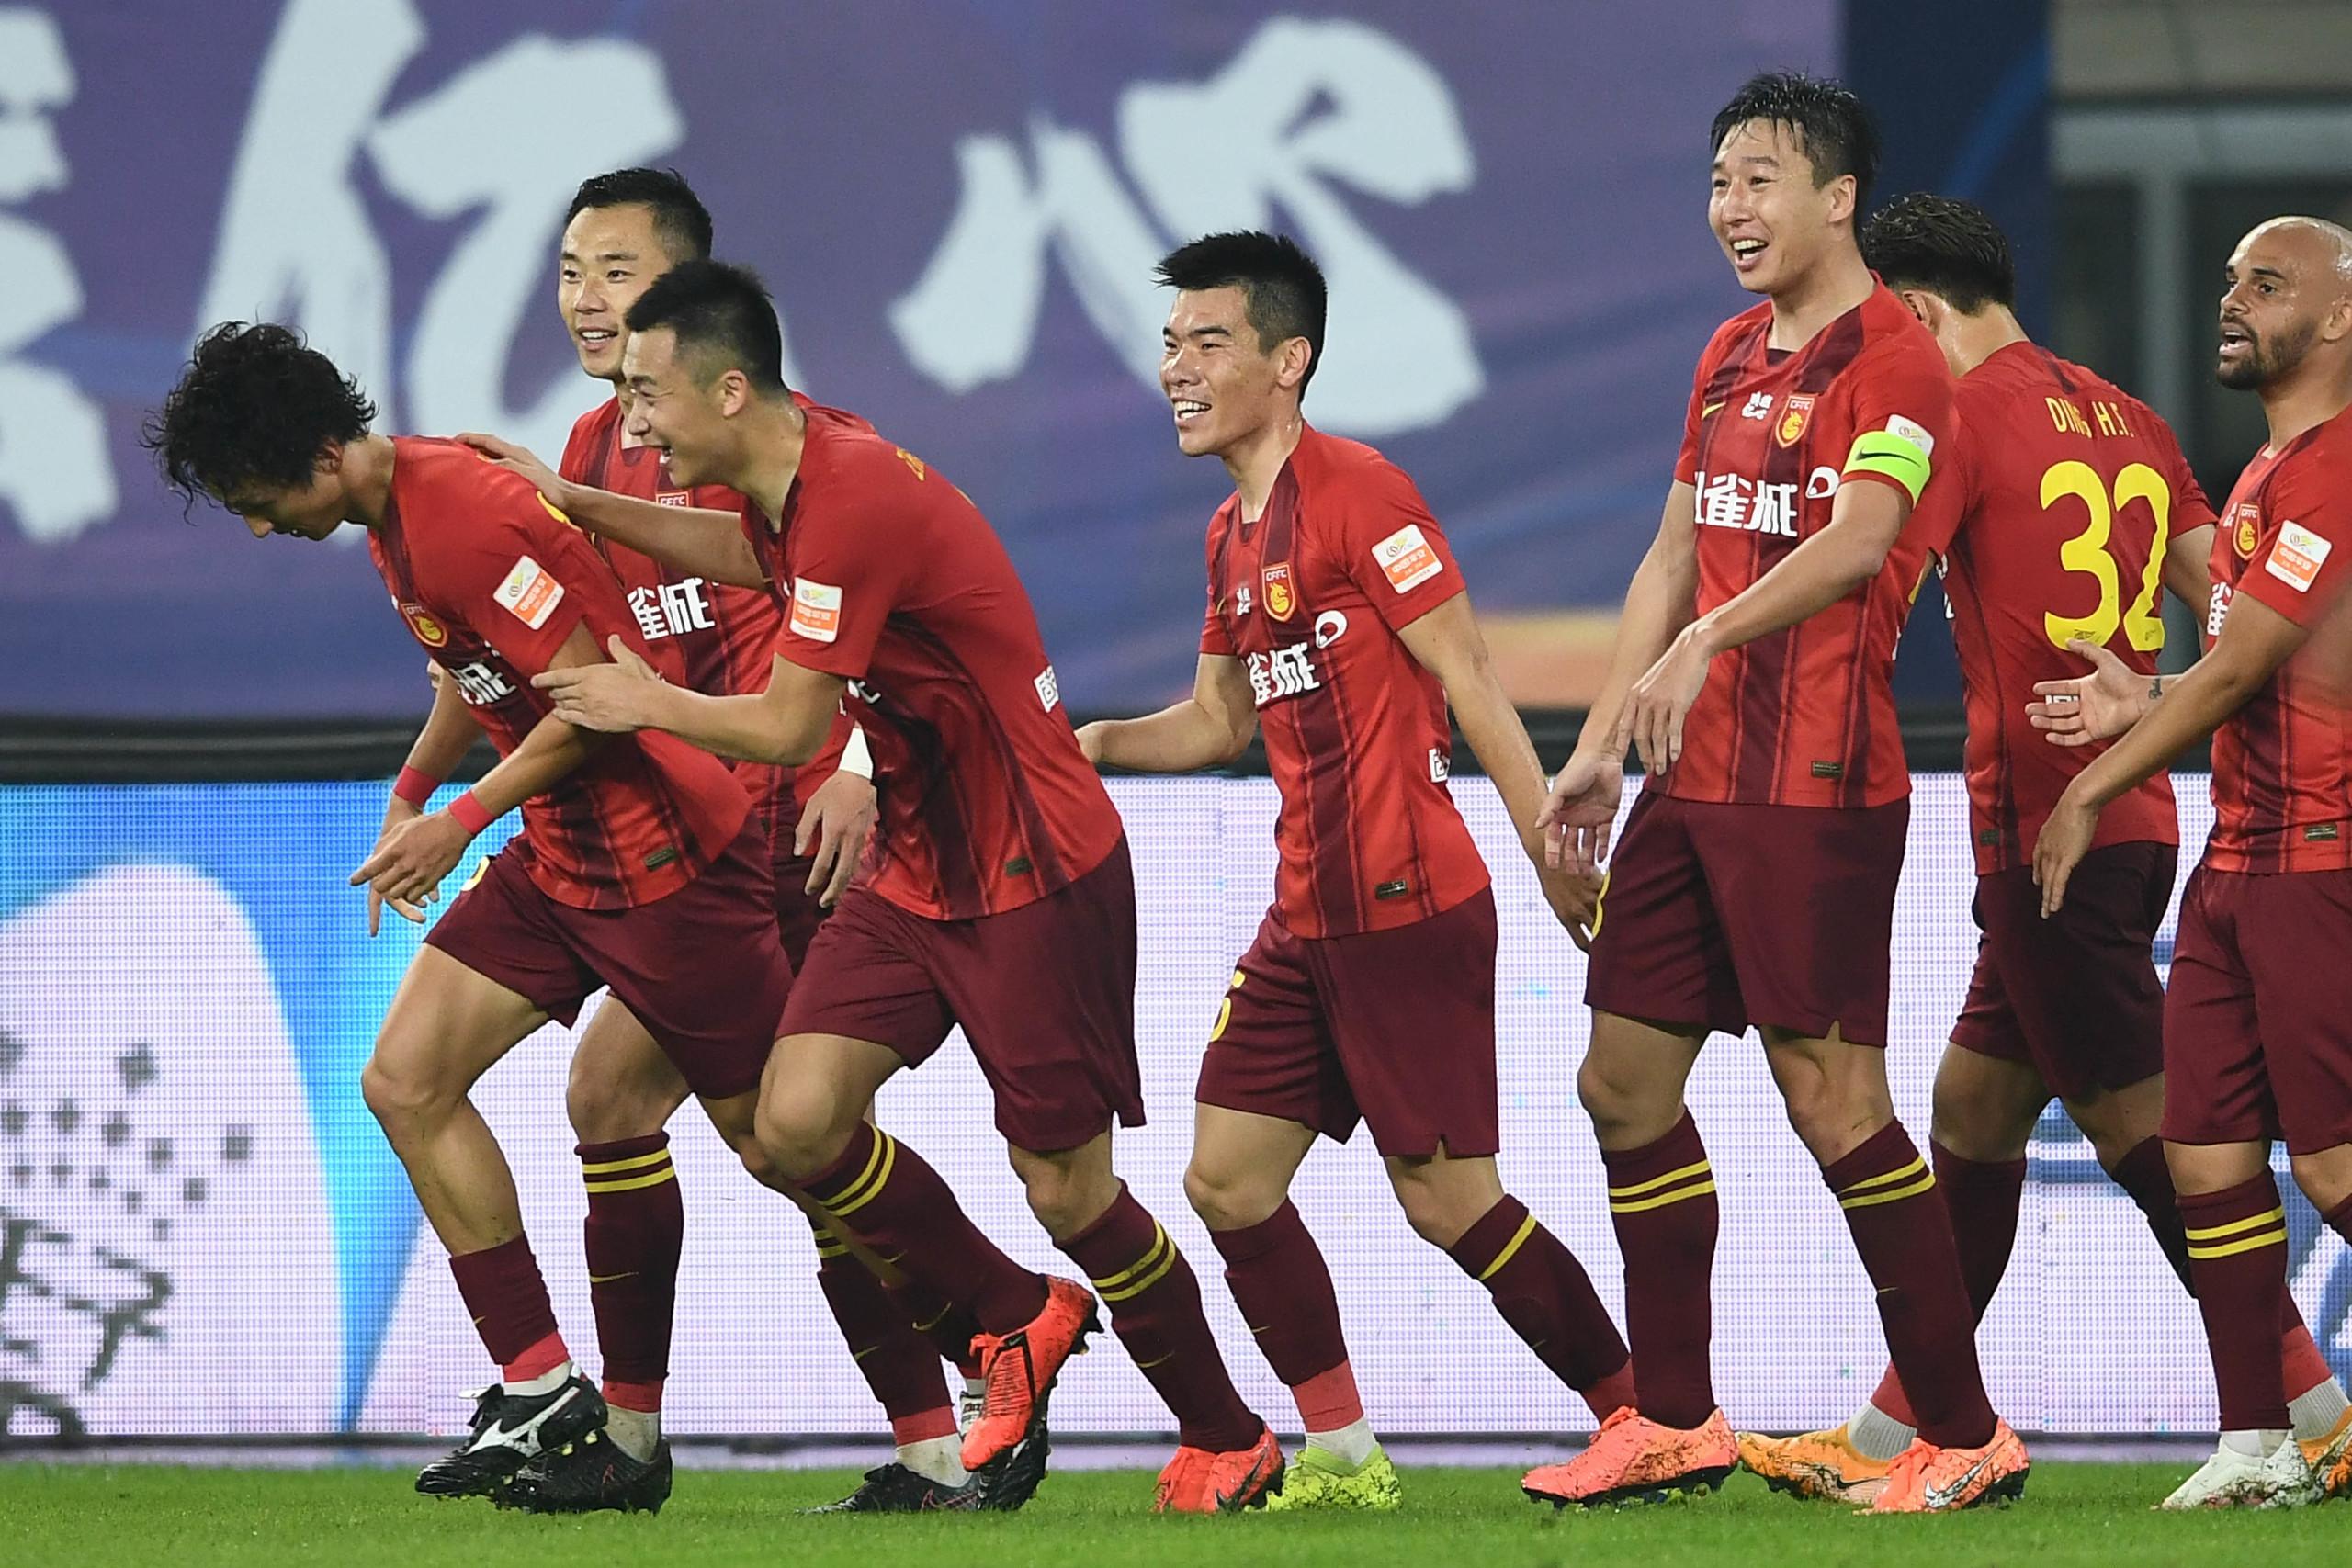 半场:尹鸿博凌空斩破僵局,华夏幸福1-0恒大